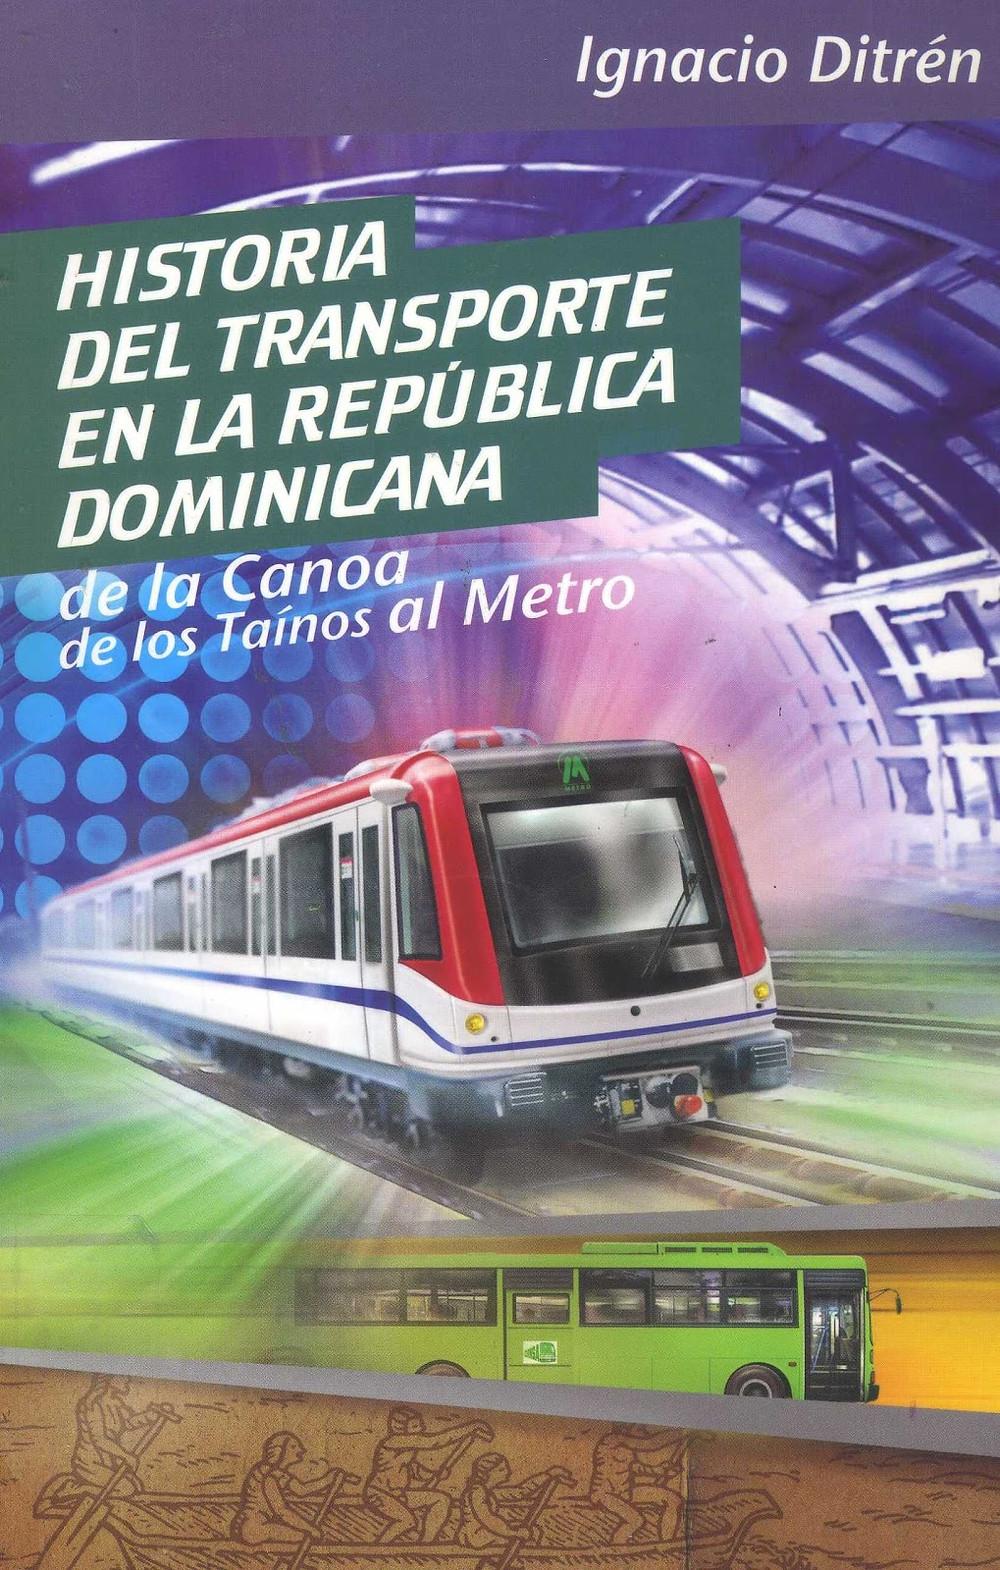 Historia del Transporte en la República Dominicana